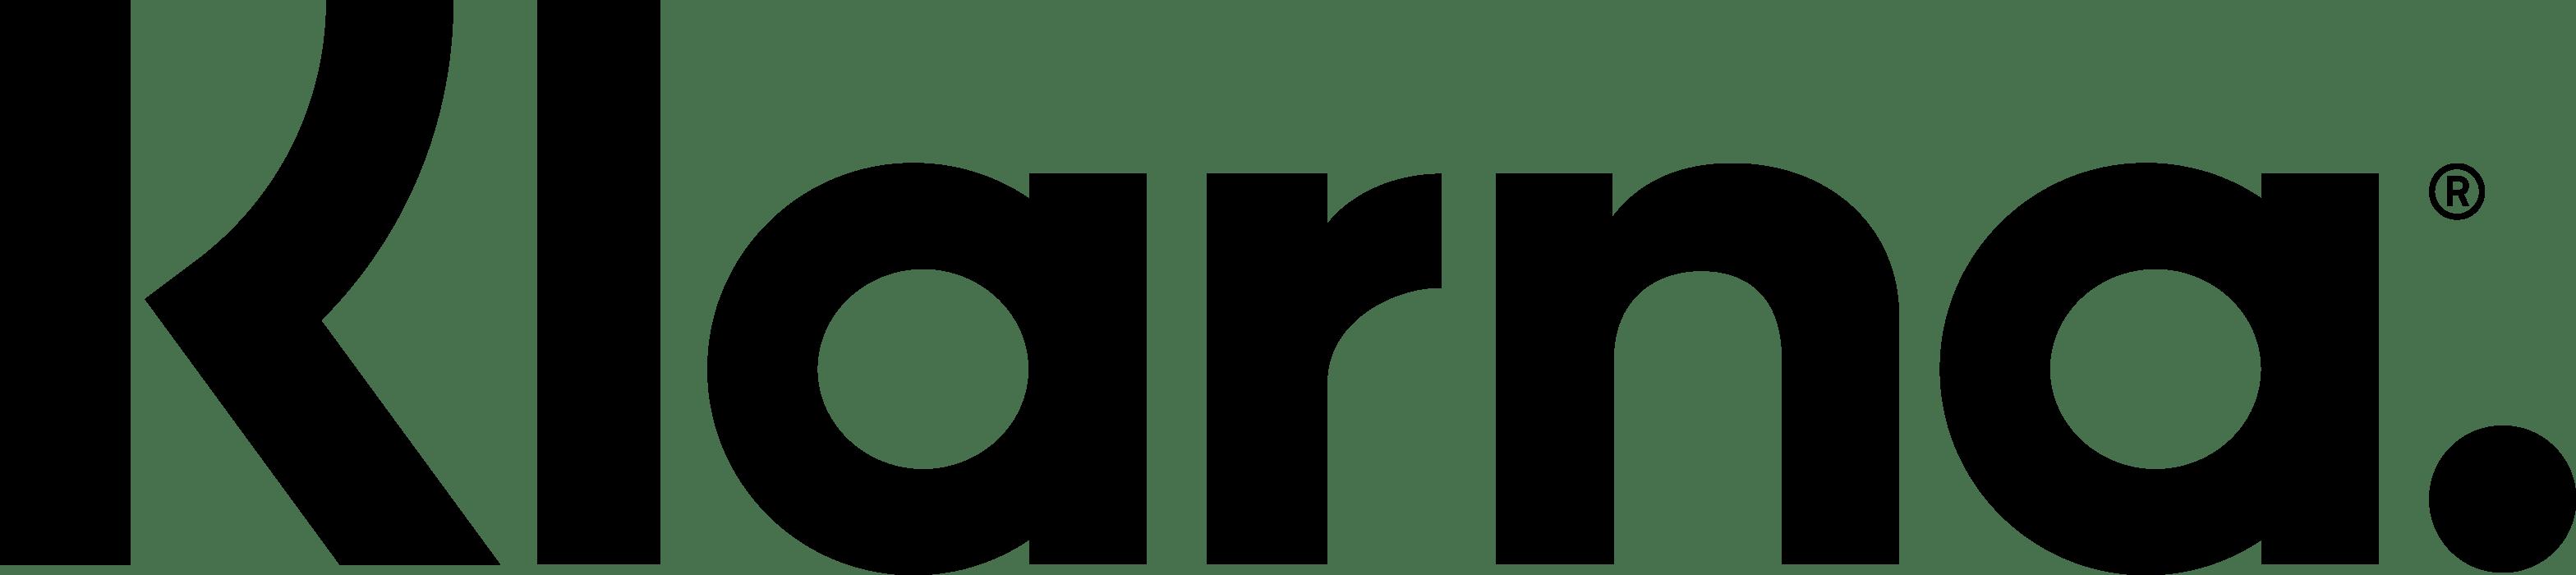 klarna-logo-black